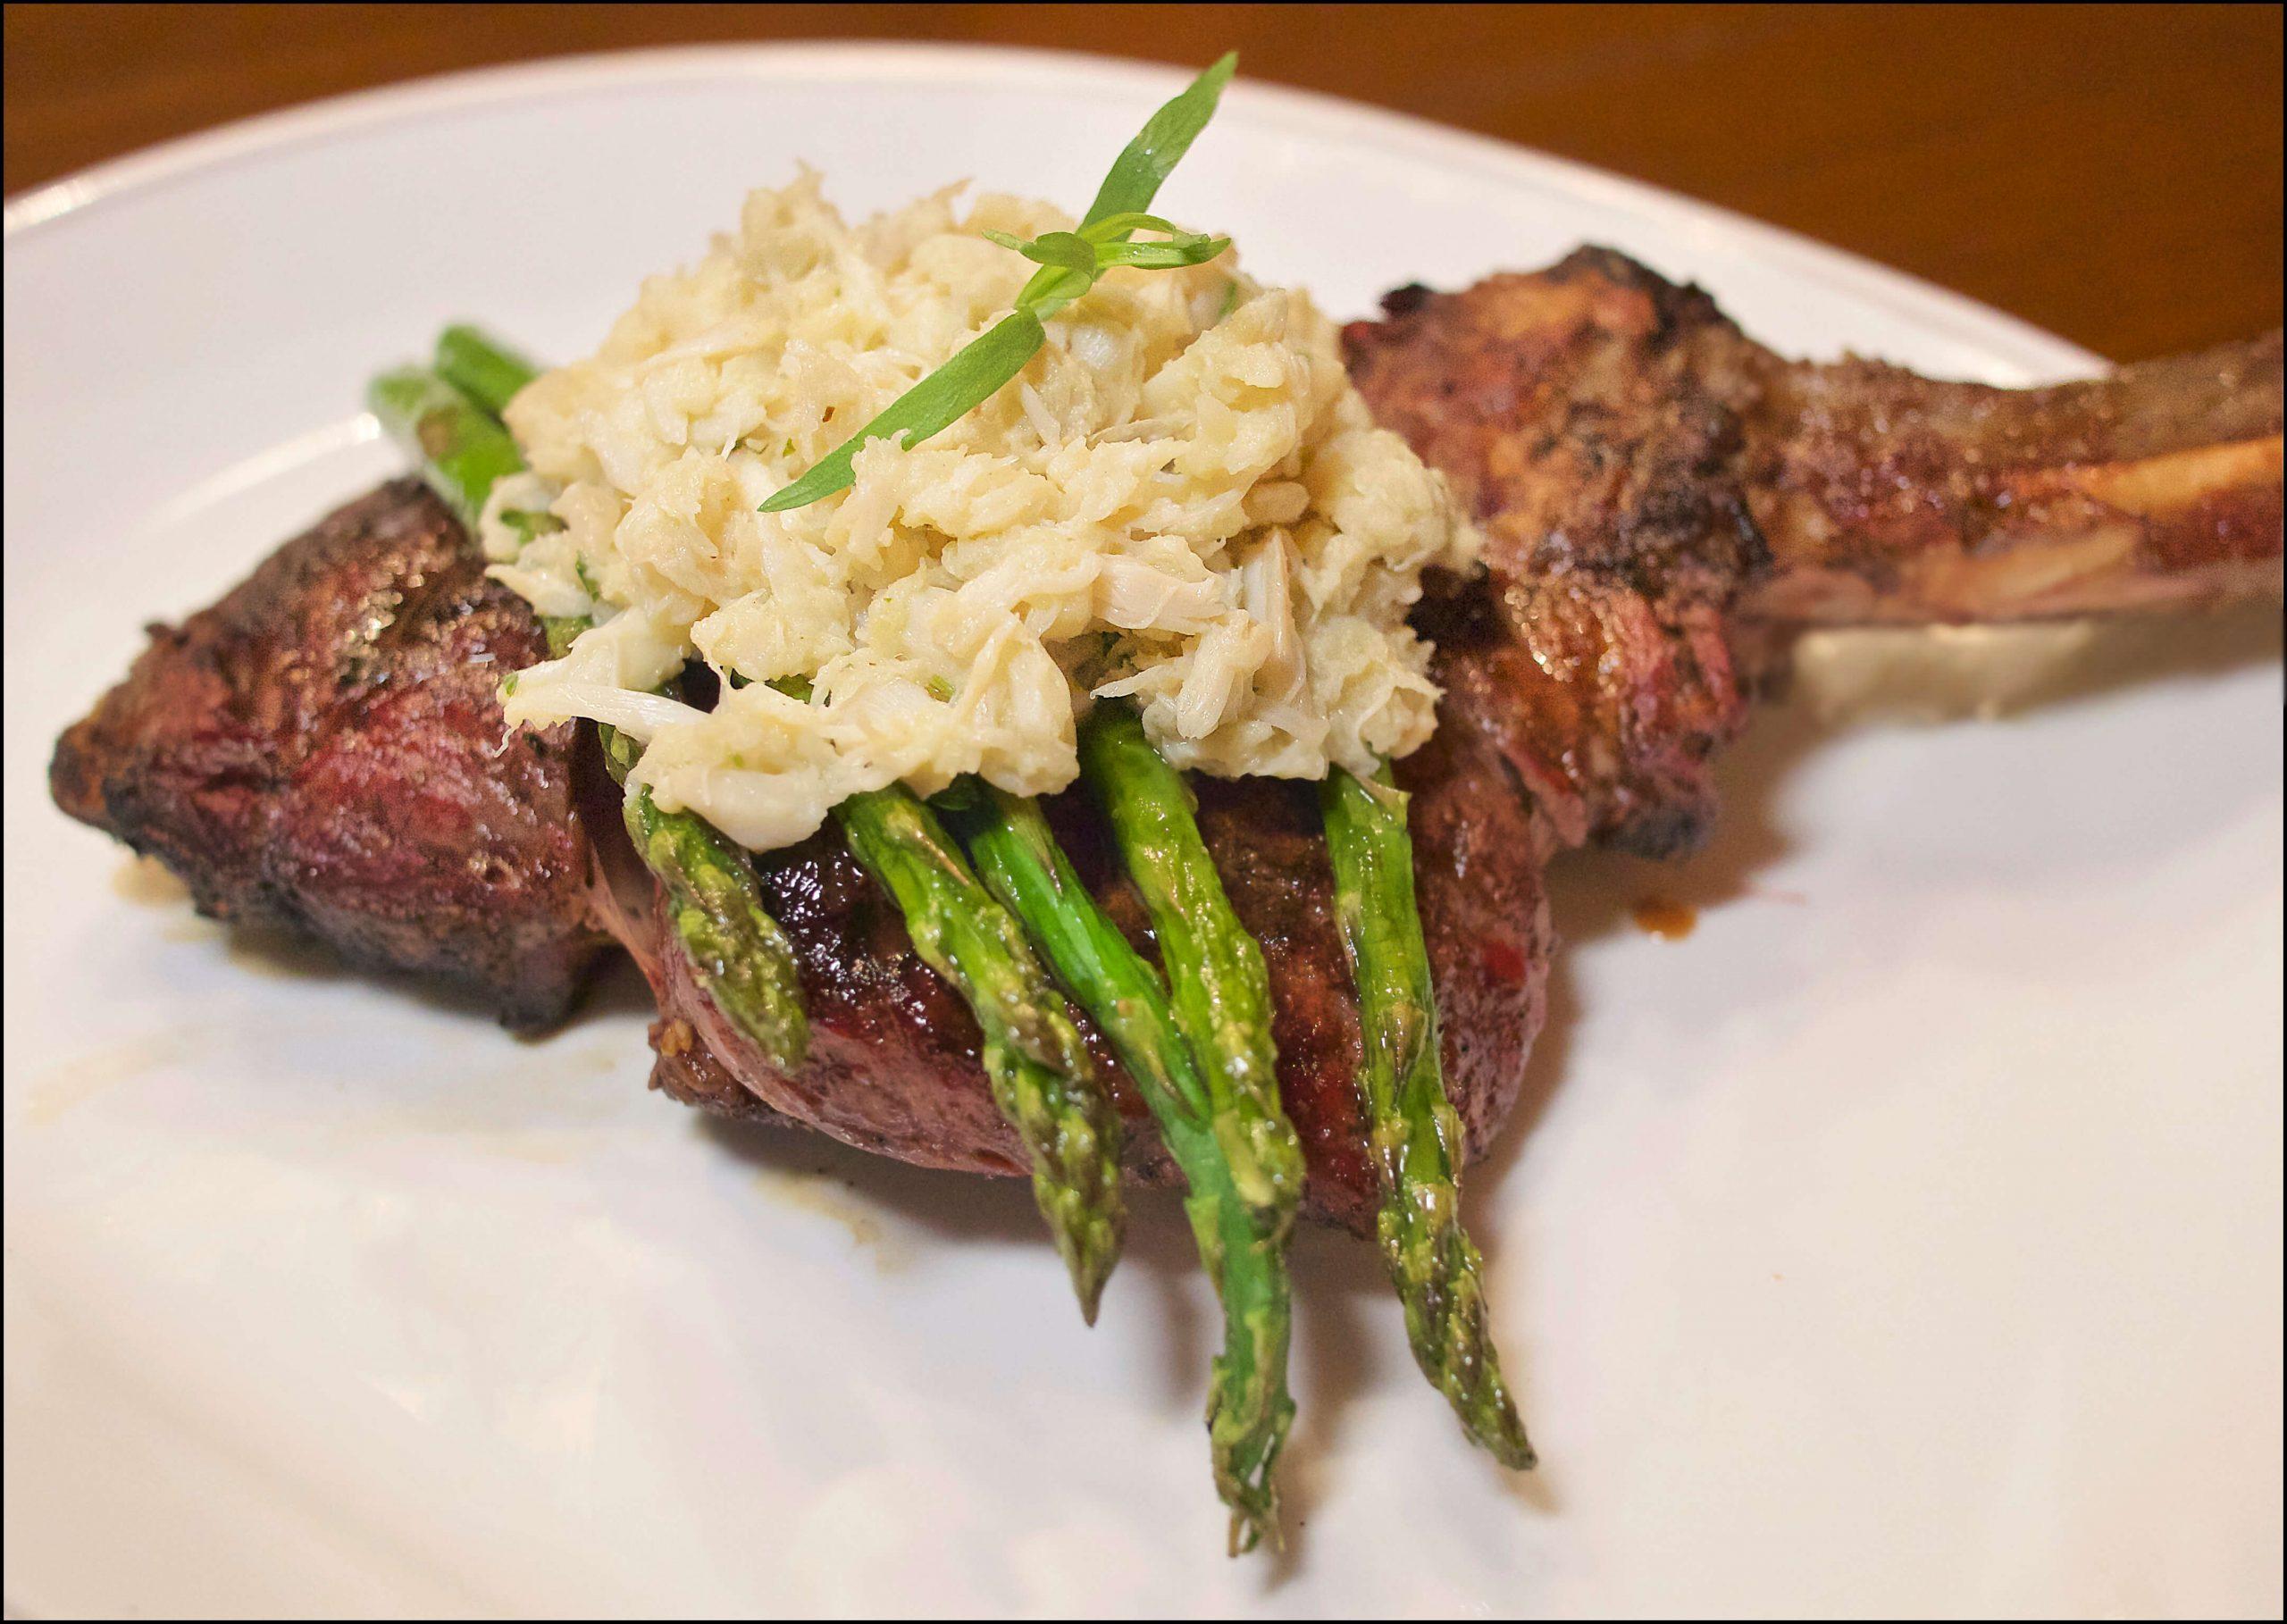 Recipes - Steak Oscar